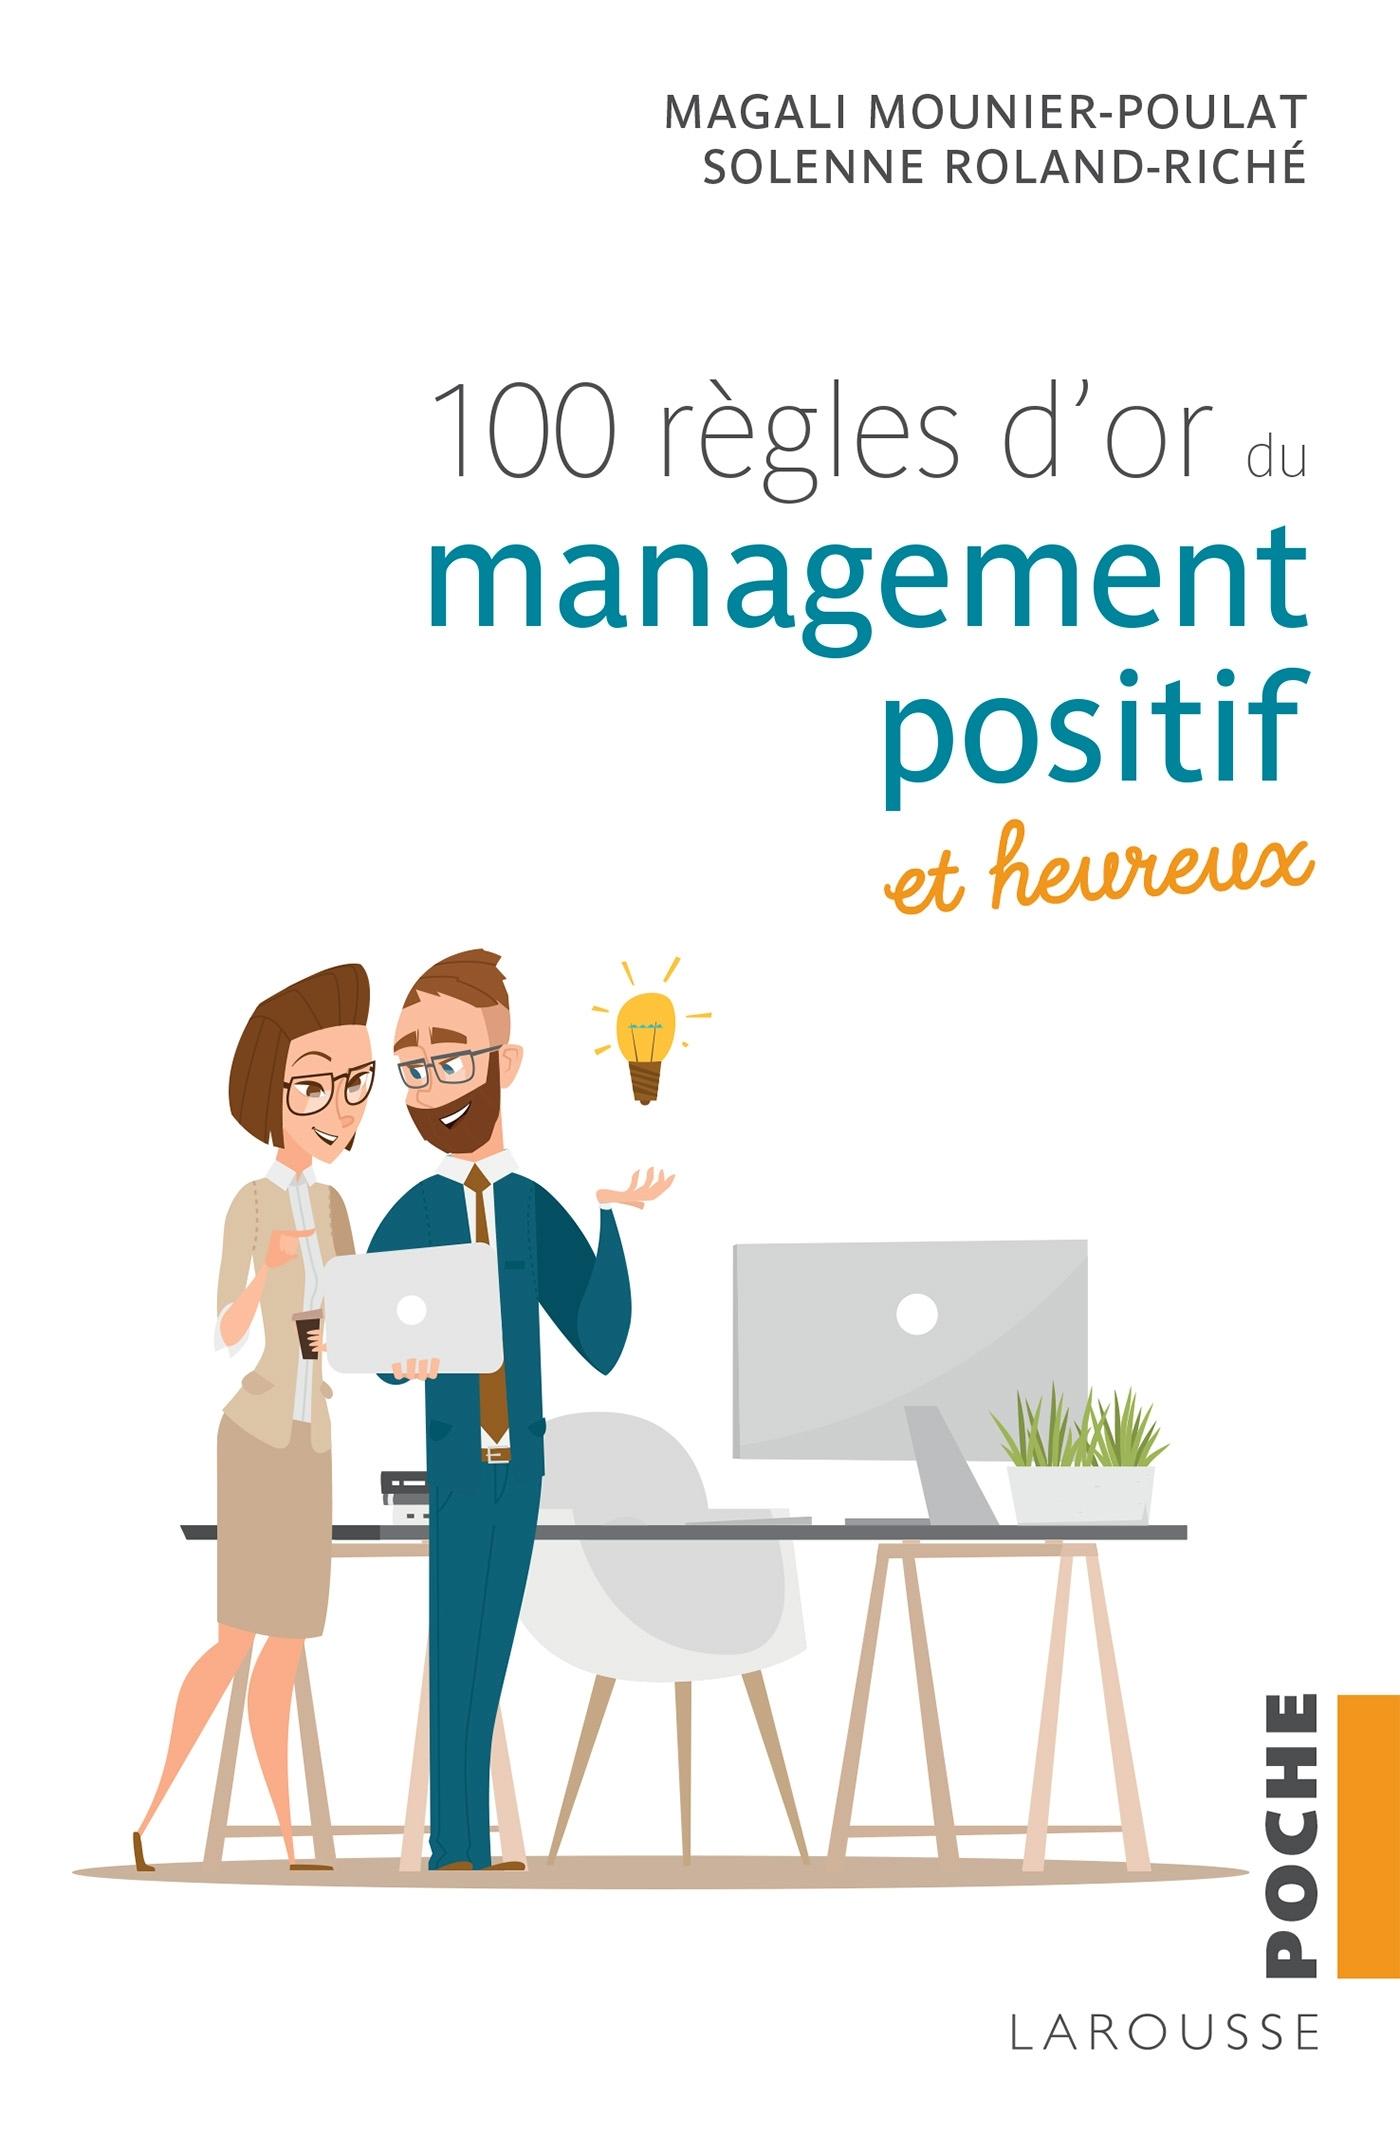 100 REGLES D'OR DU MANAGEMENT POSITIF ET HEUREUX